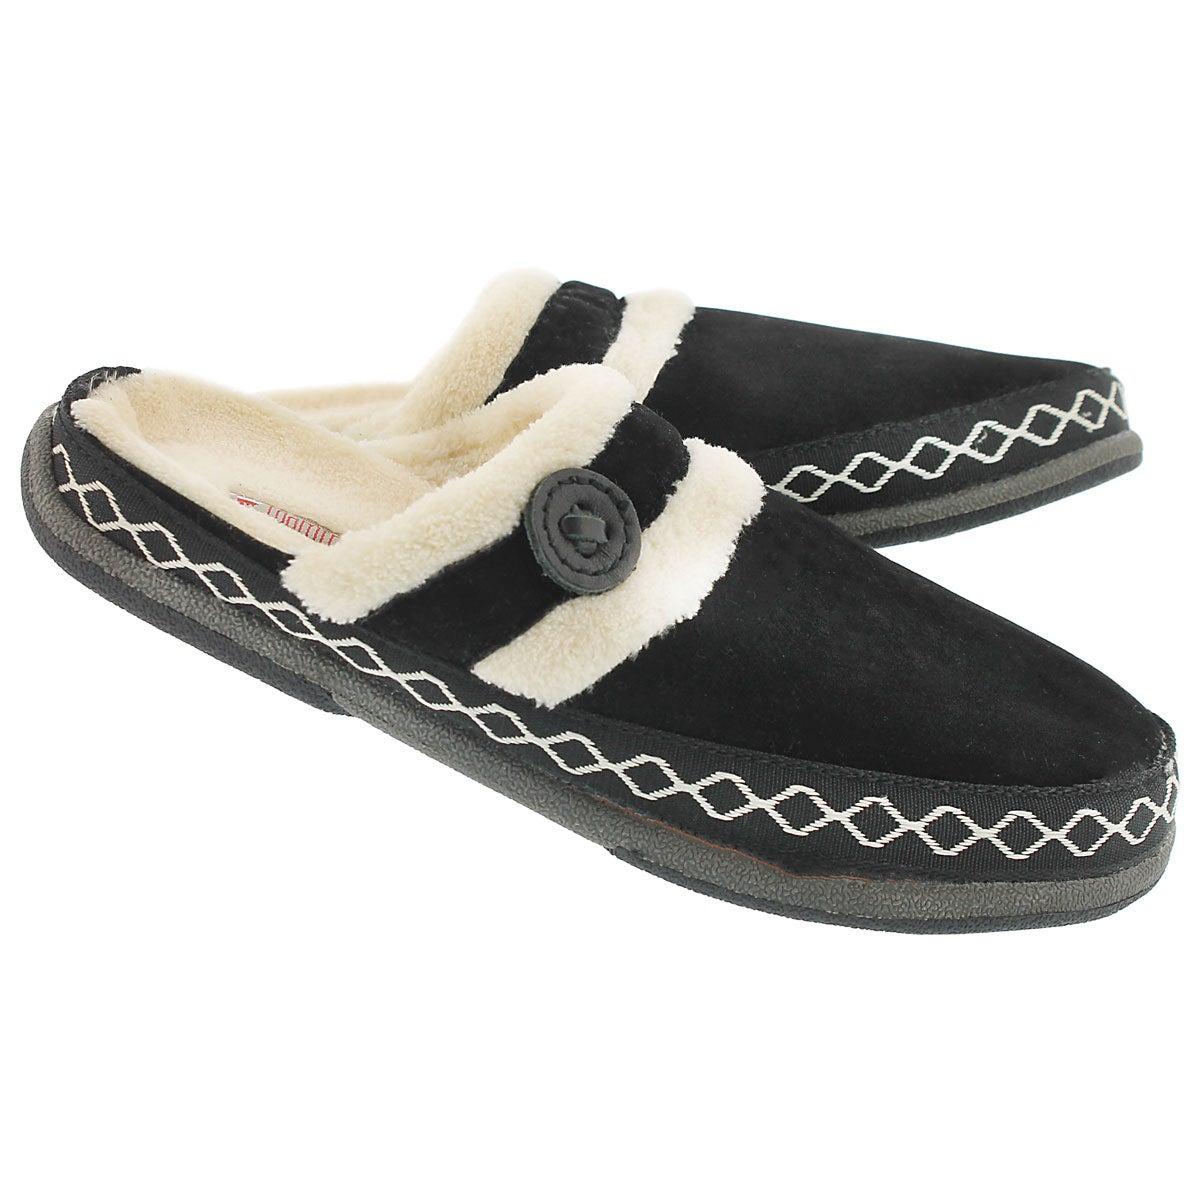 Lds Savoy black micro suede slipper